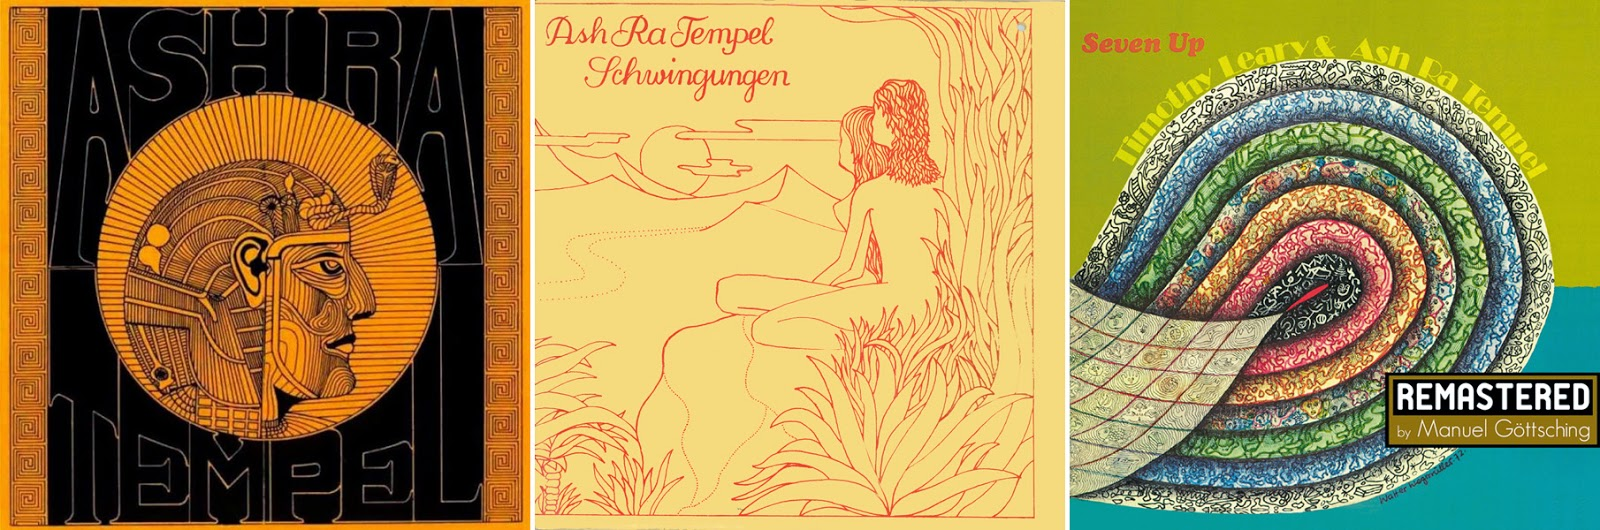 Ash Ra Tempel (1971), Schwingungen (1972), Seven Up (1973) / source : MG.ART www.ashra.com